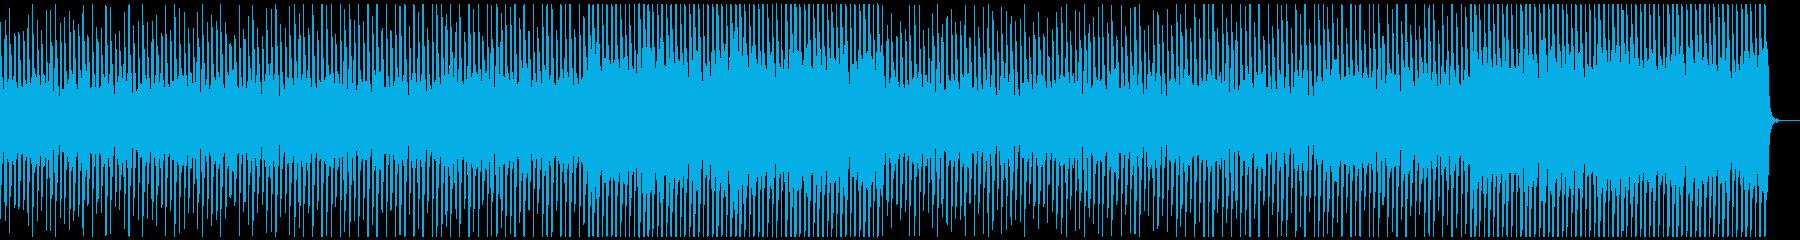 コーポレートに!洋楽・かわいい・楽しいの再生済みの波形